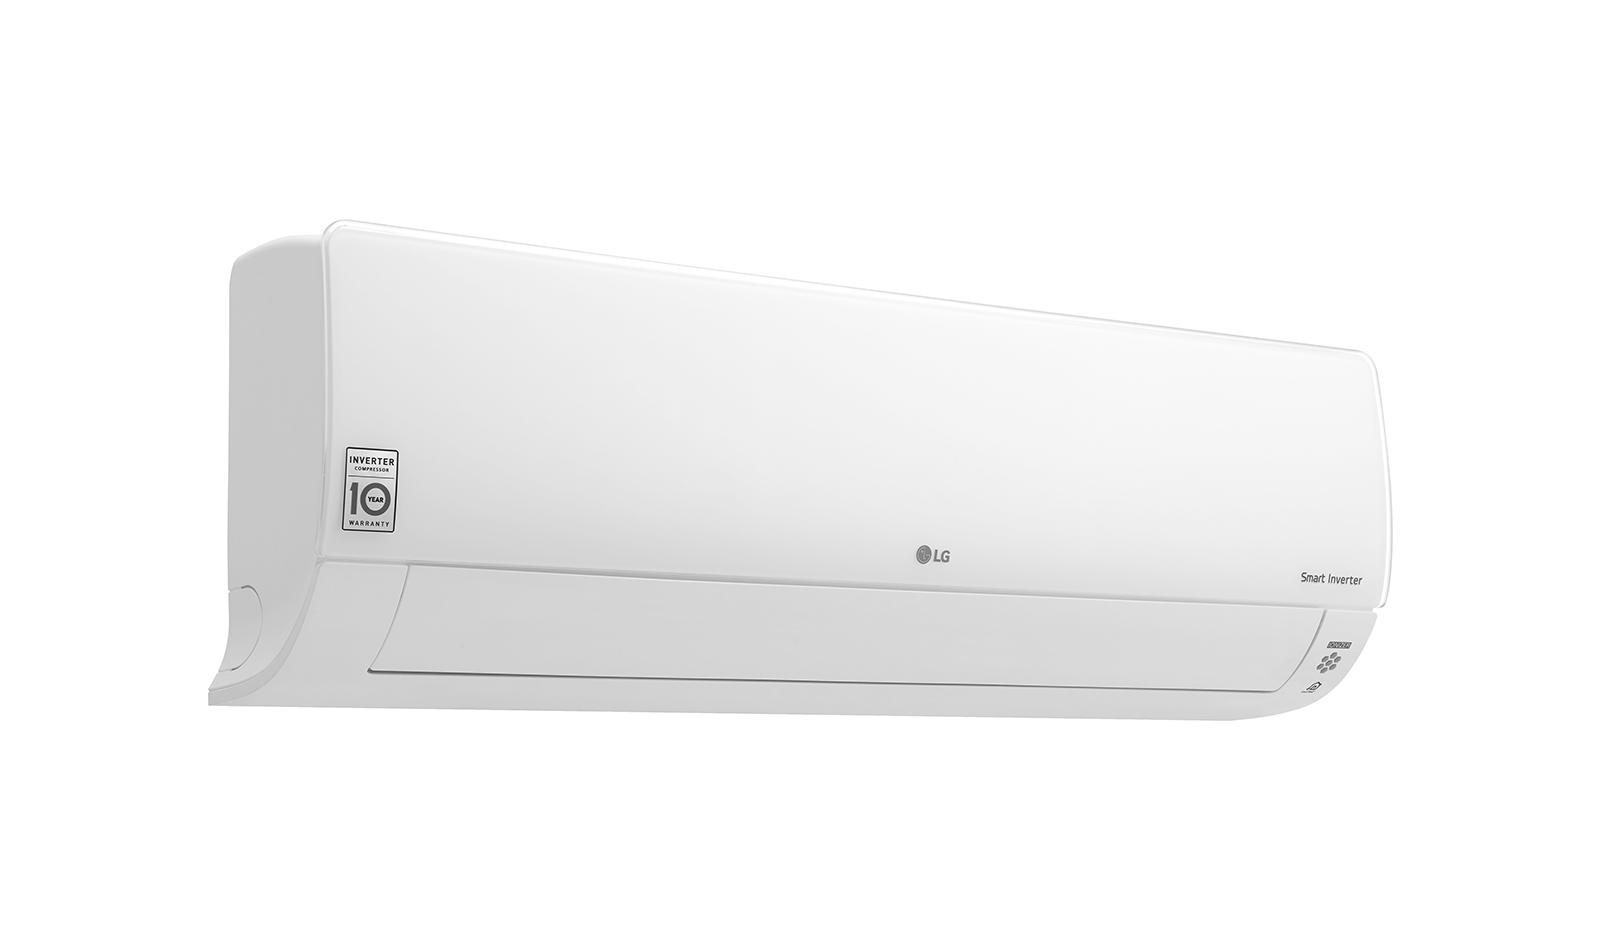 LG Deluxe Klimaanlage 004